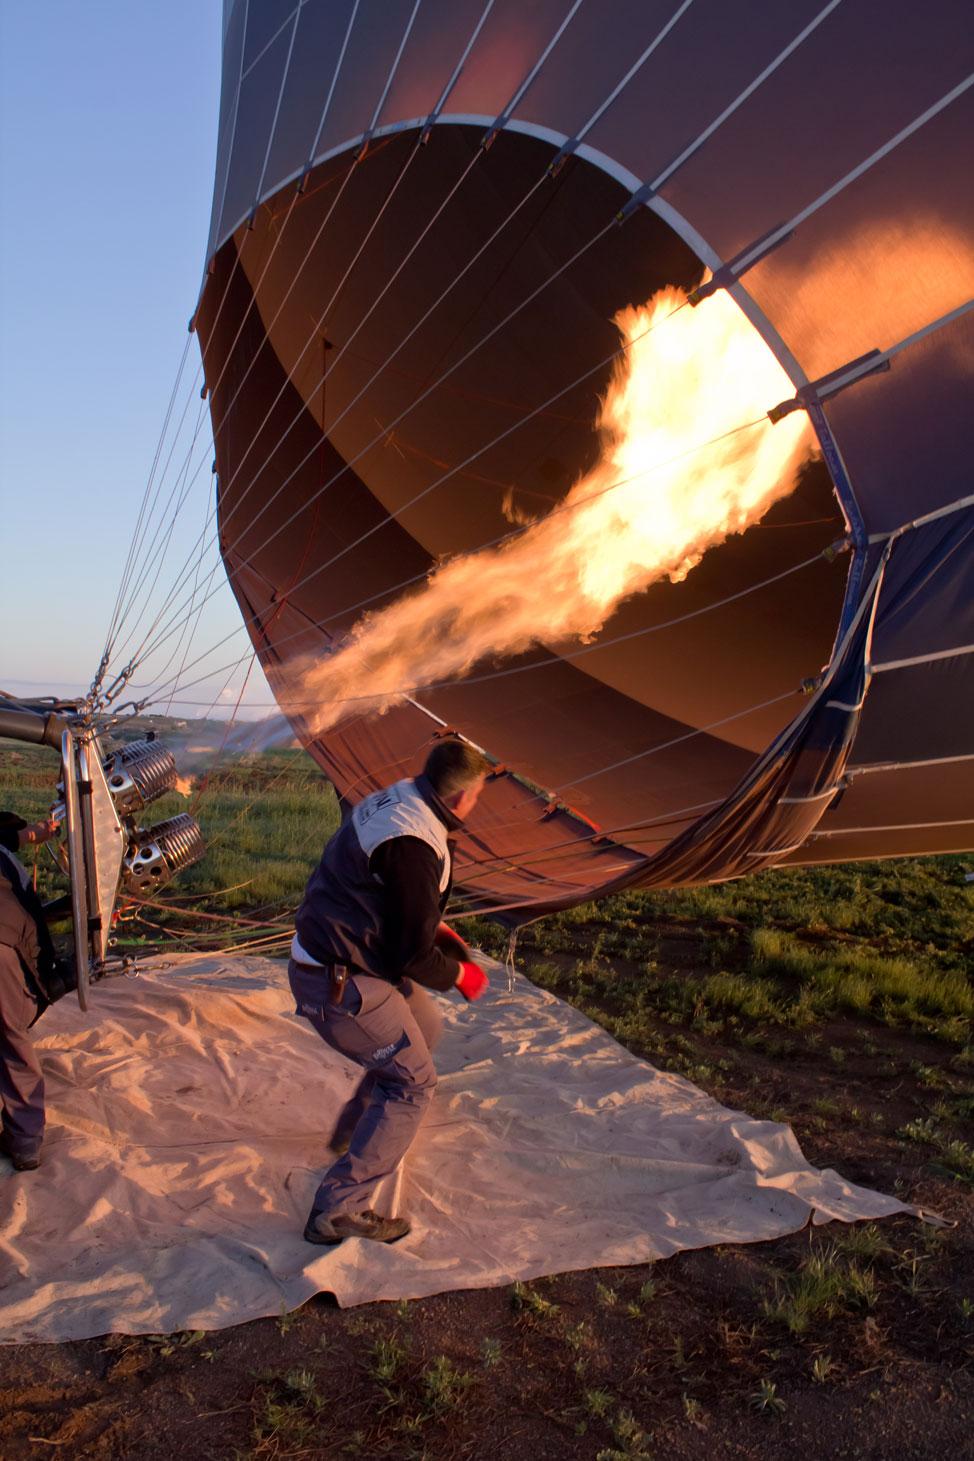 Cappadocia-Balloons-03